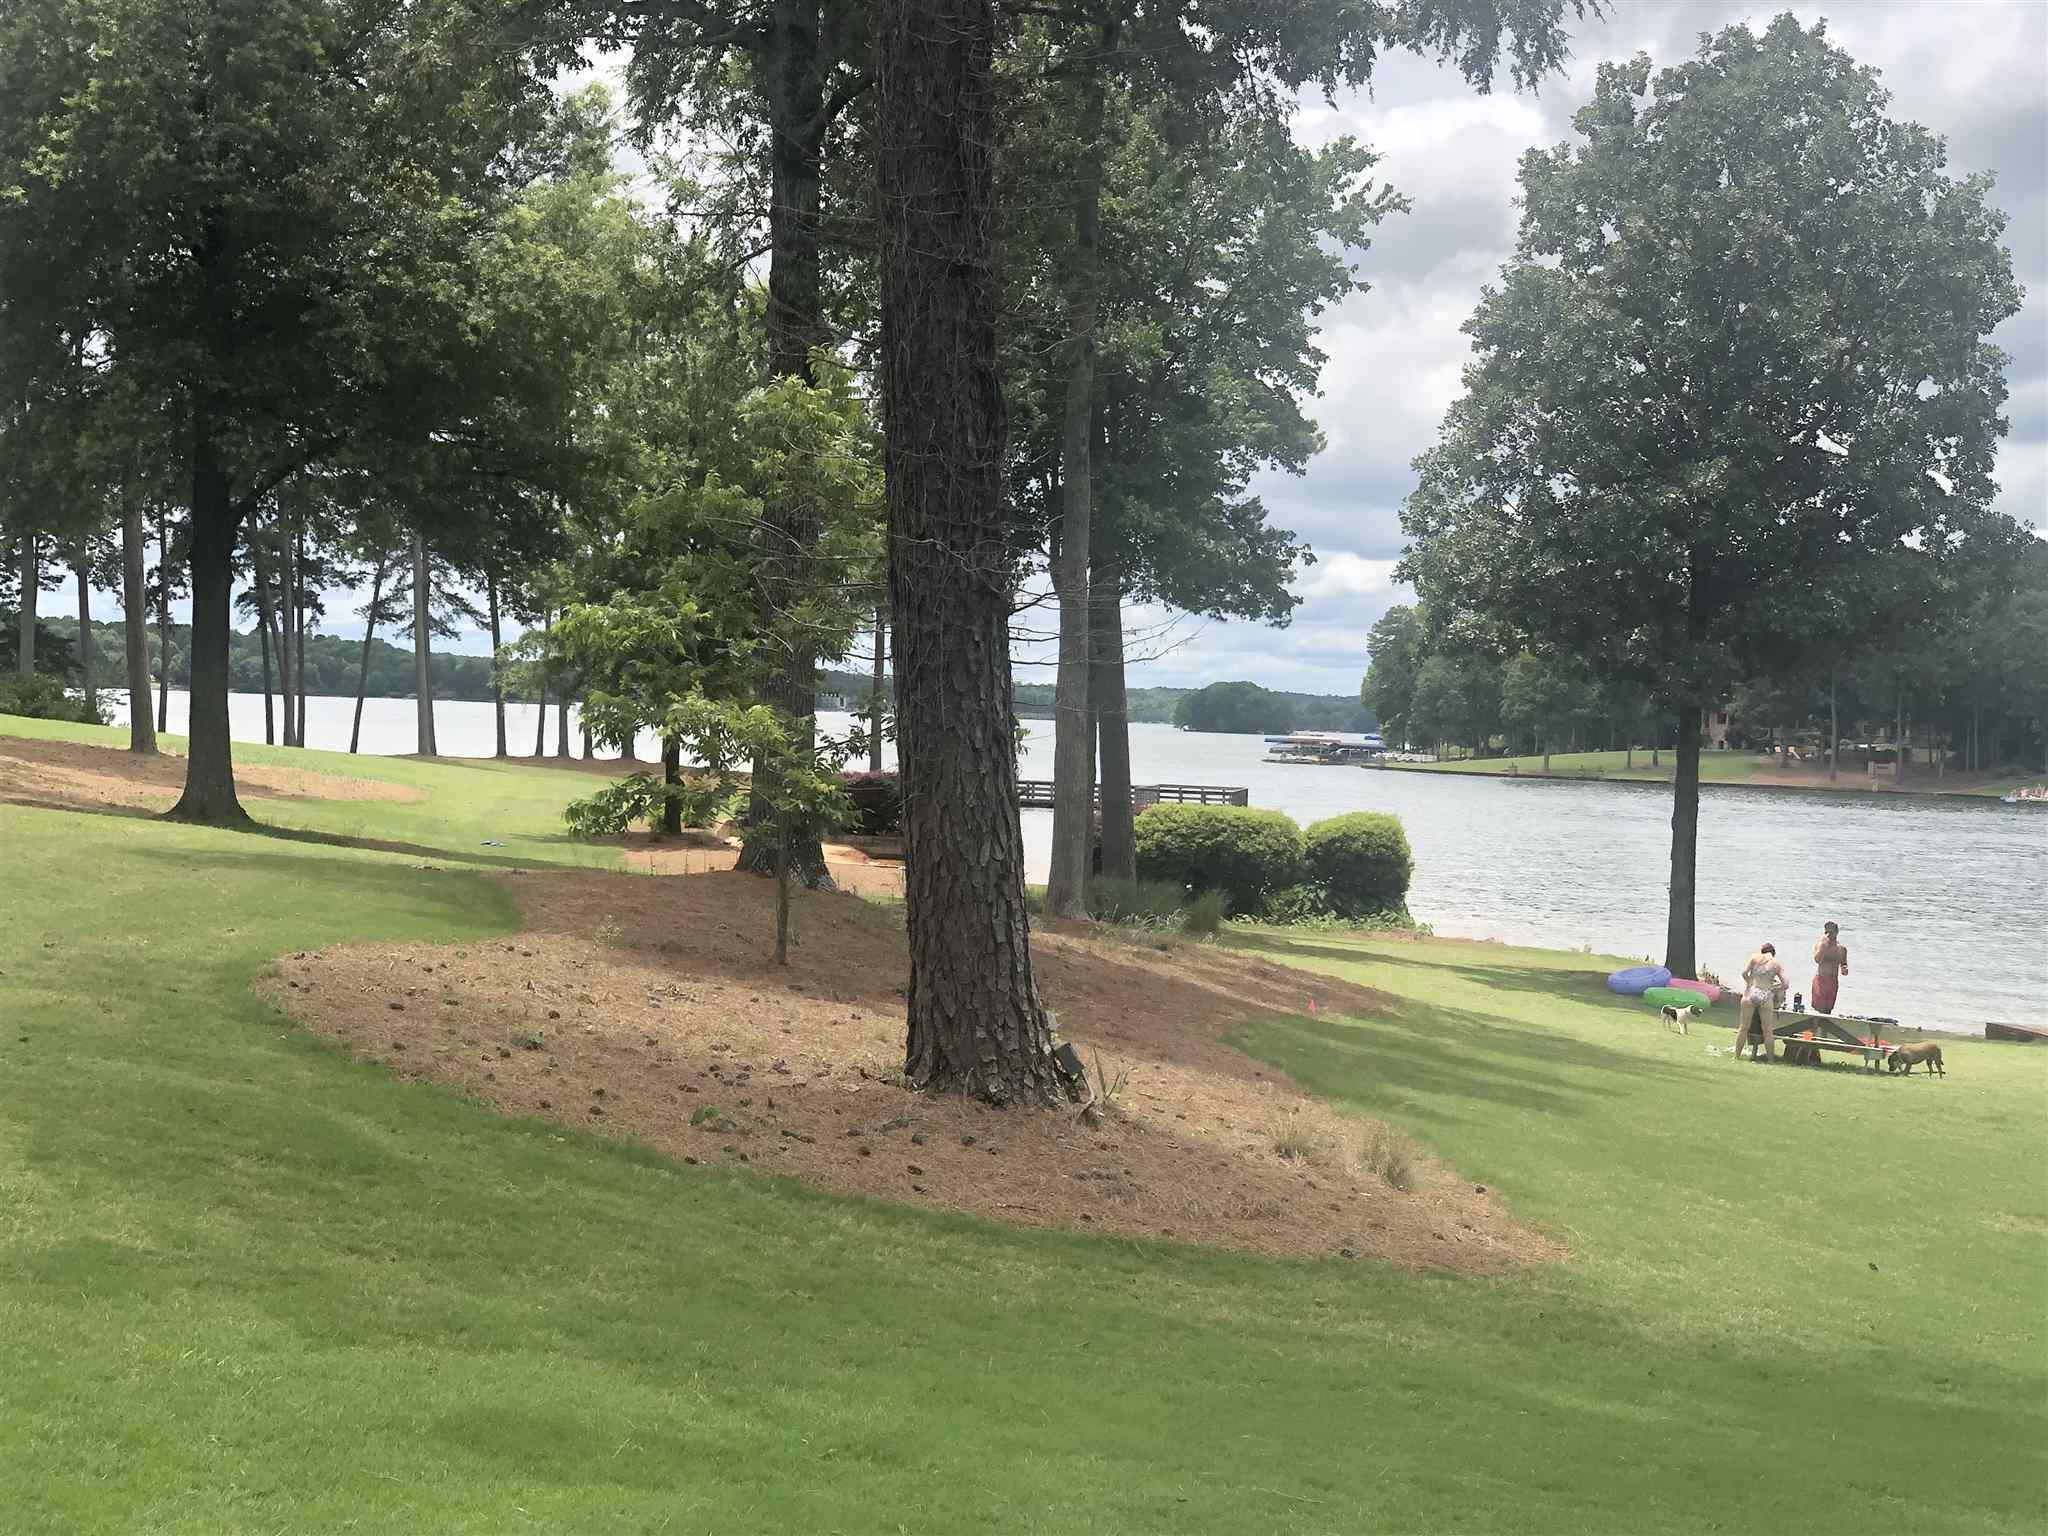 Property for sale at Lot 49 LINGER LONGER ROAD, Greensboro,  Georgia 30642